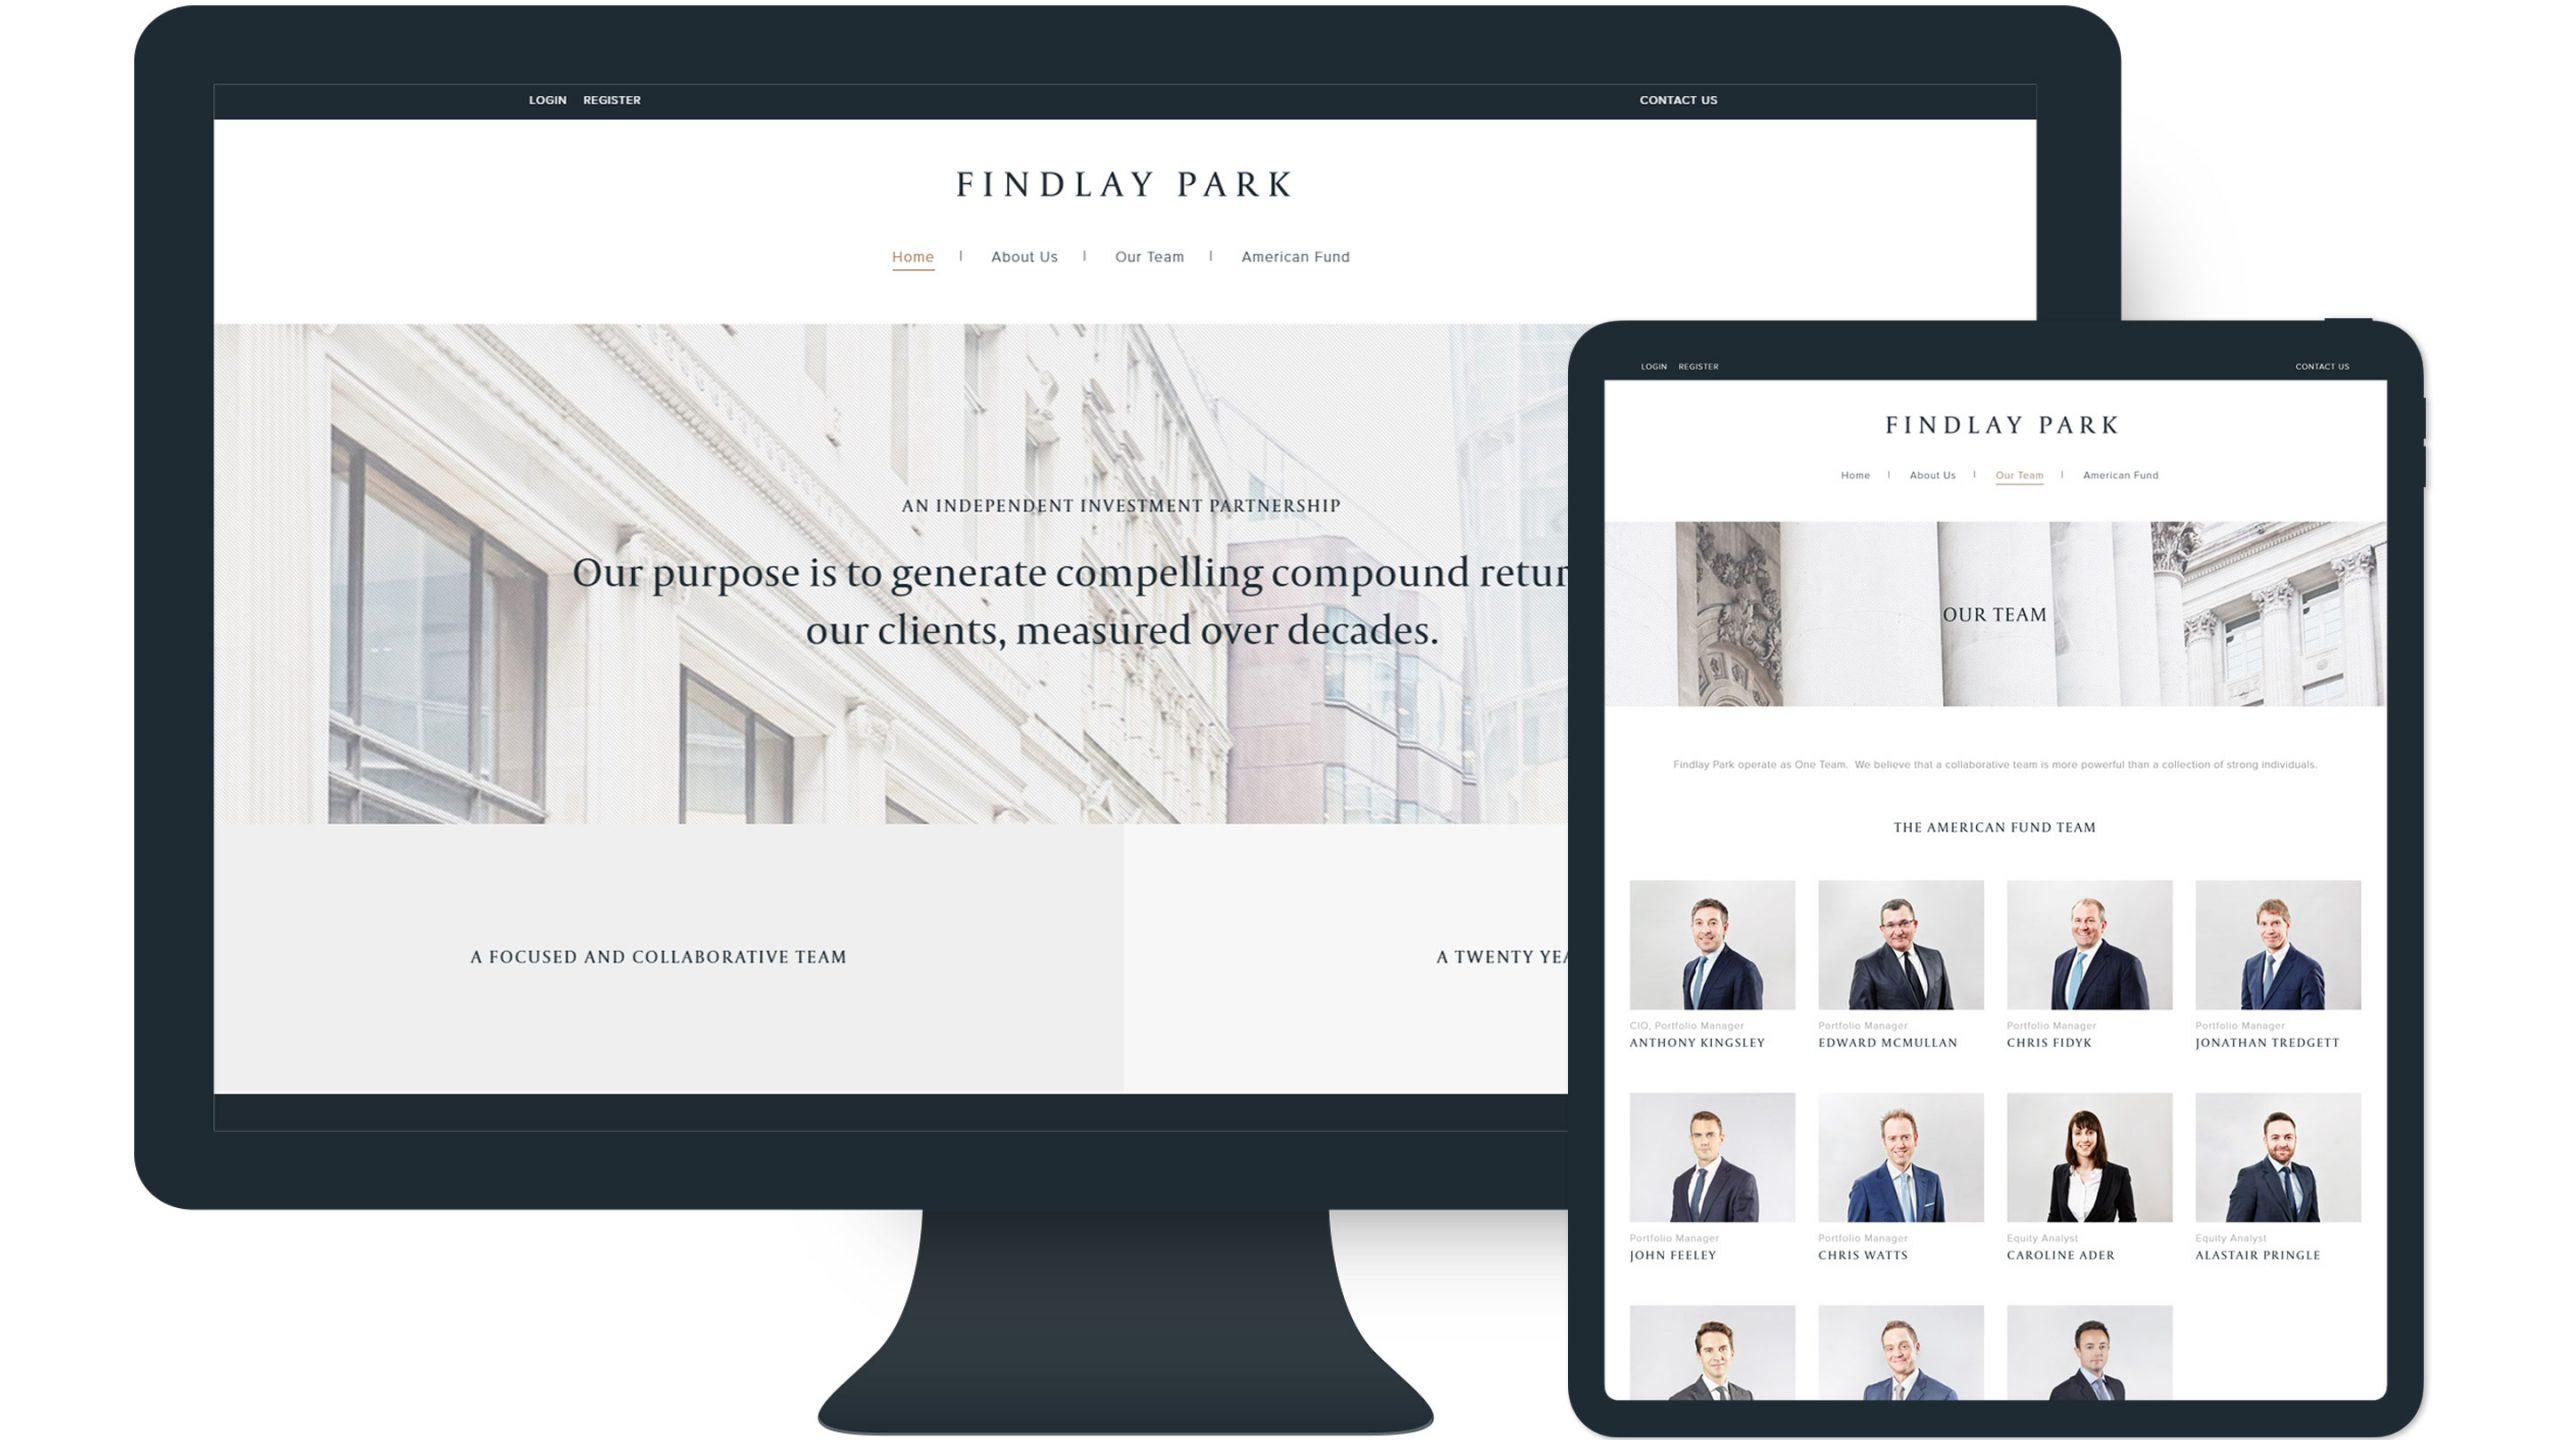 findlay park website on desktop and tablet